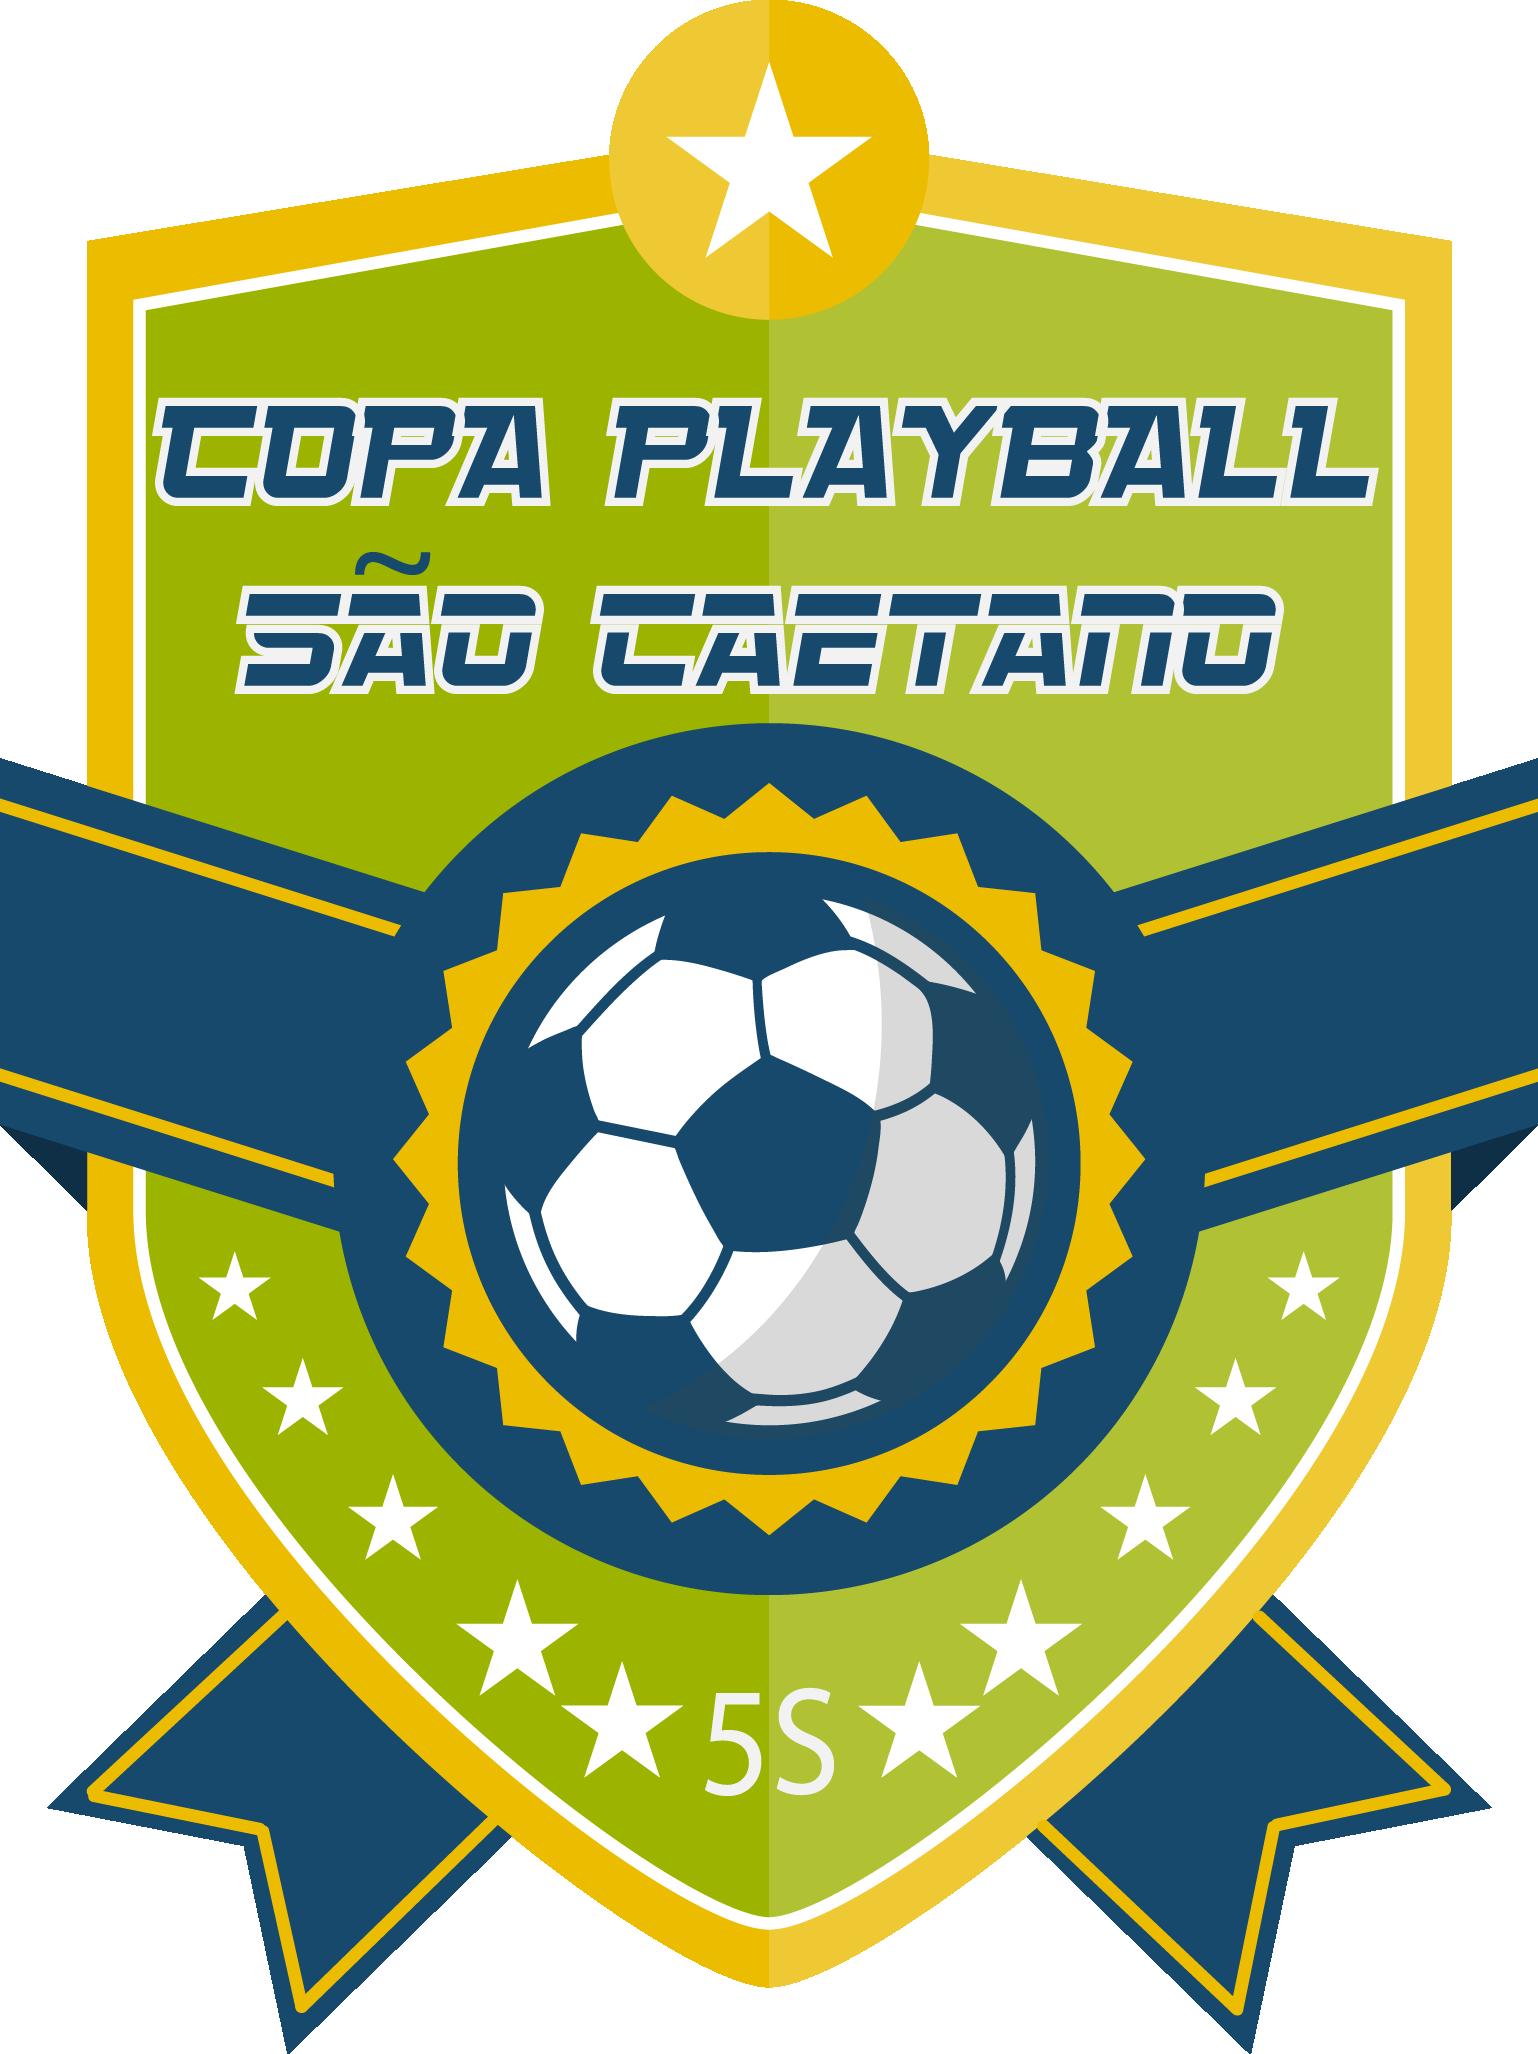 VII Copa Playball São Cetano Série B